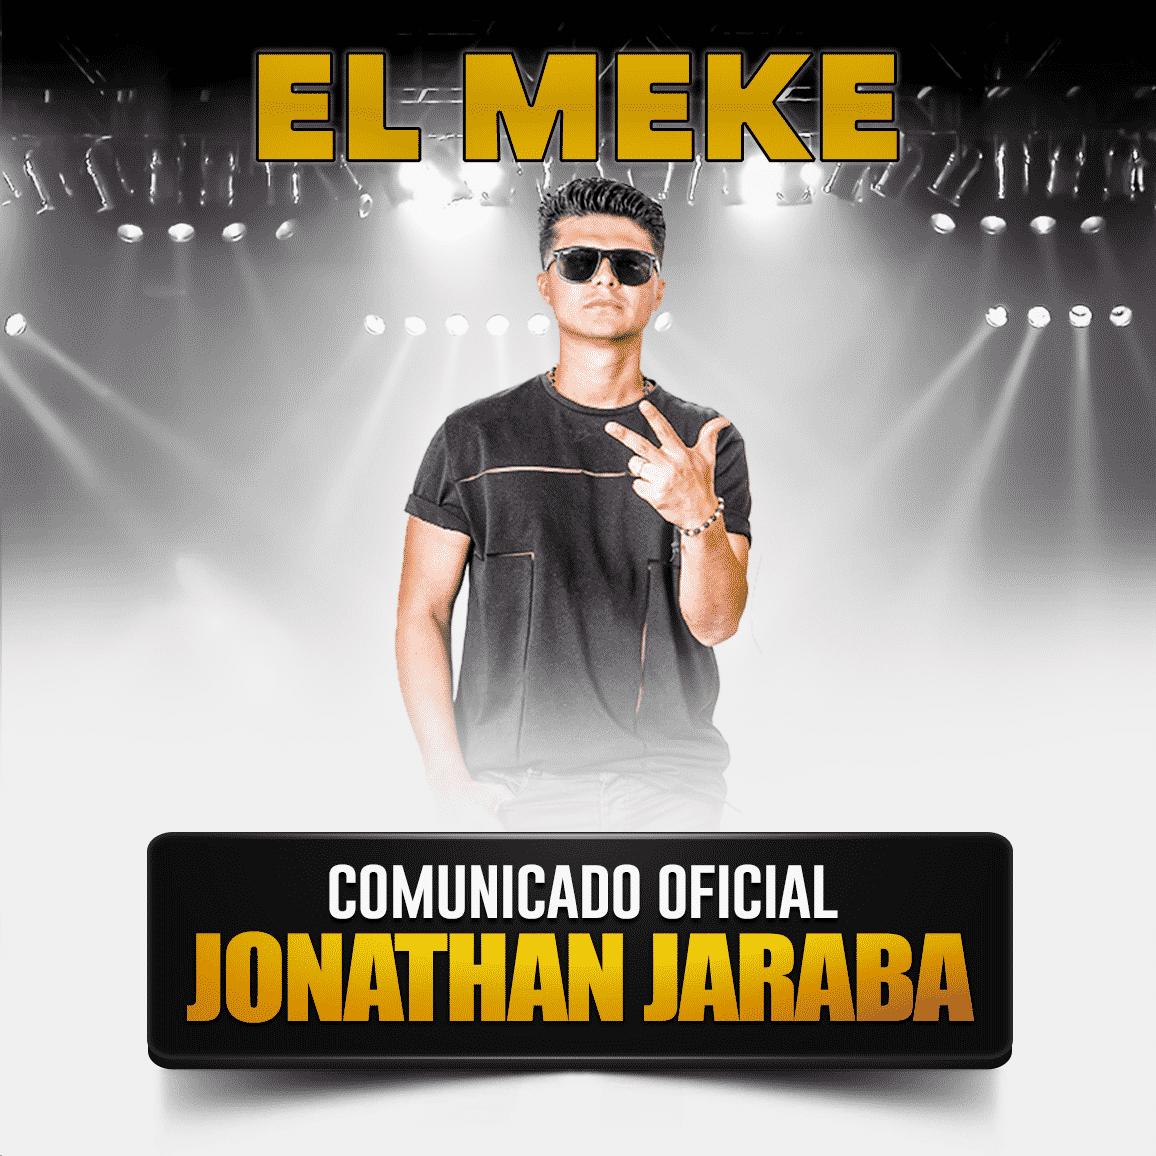 comunicado oficial Jonathan Jaraba